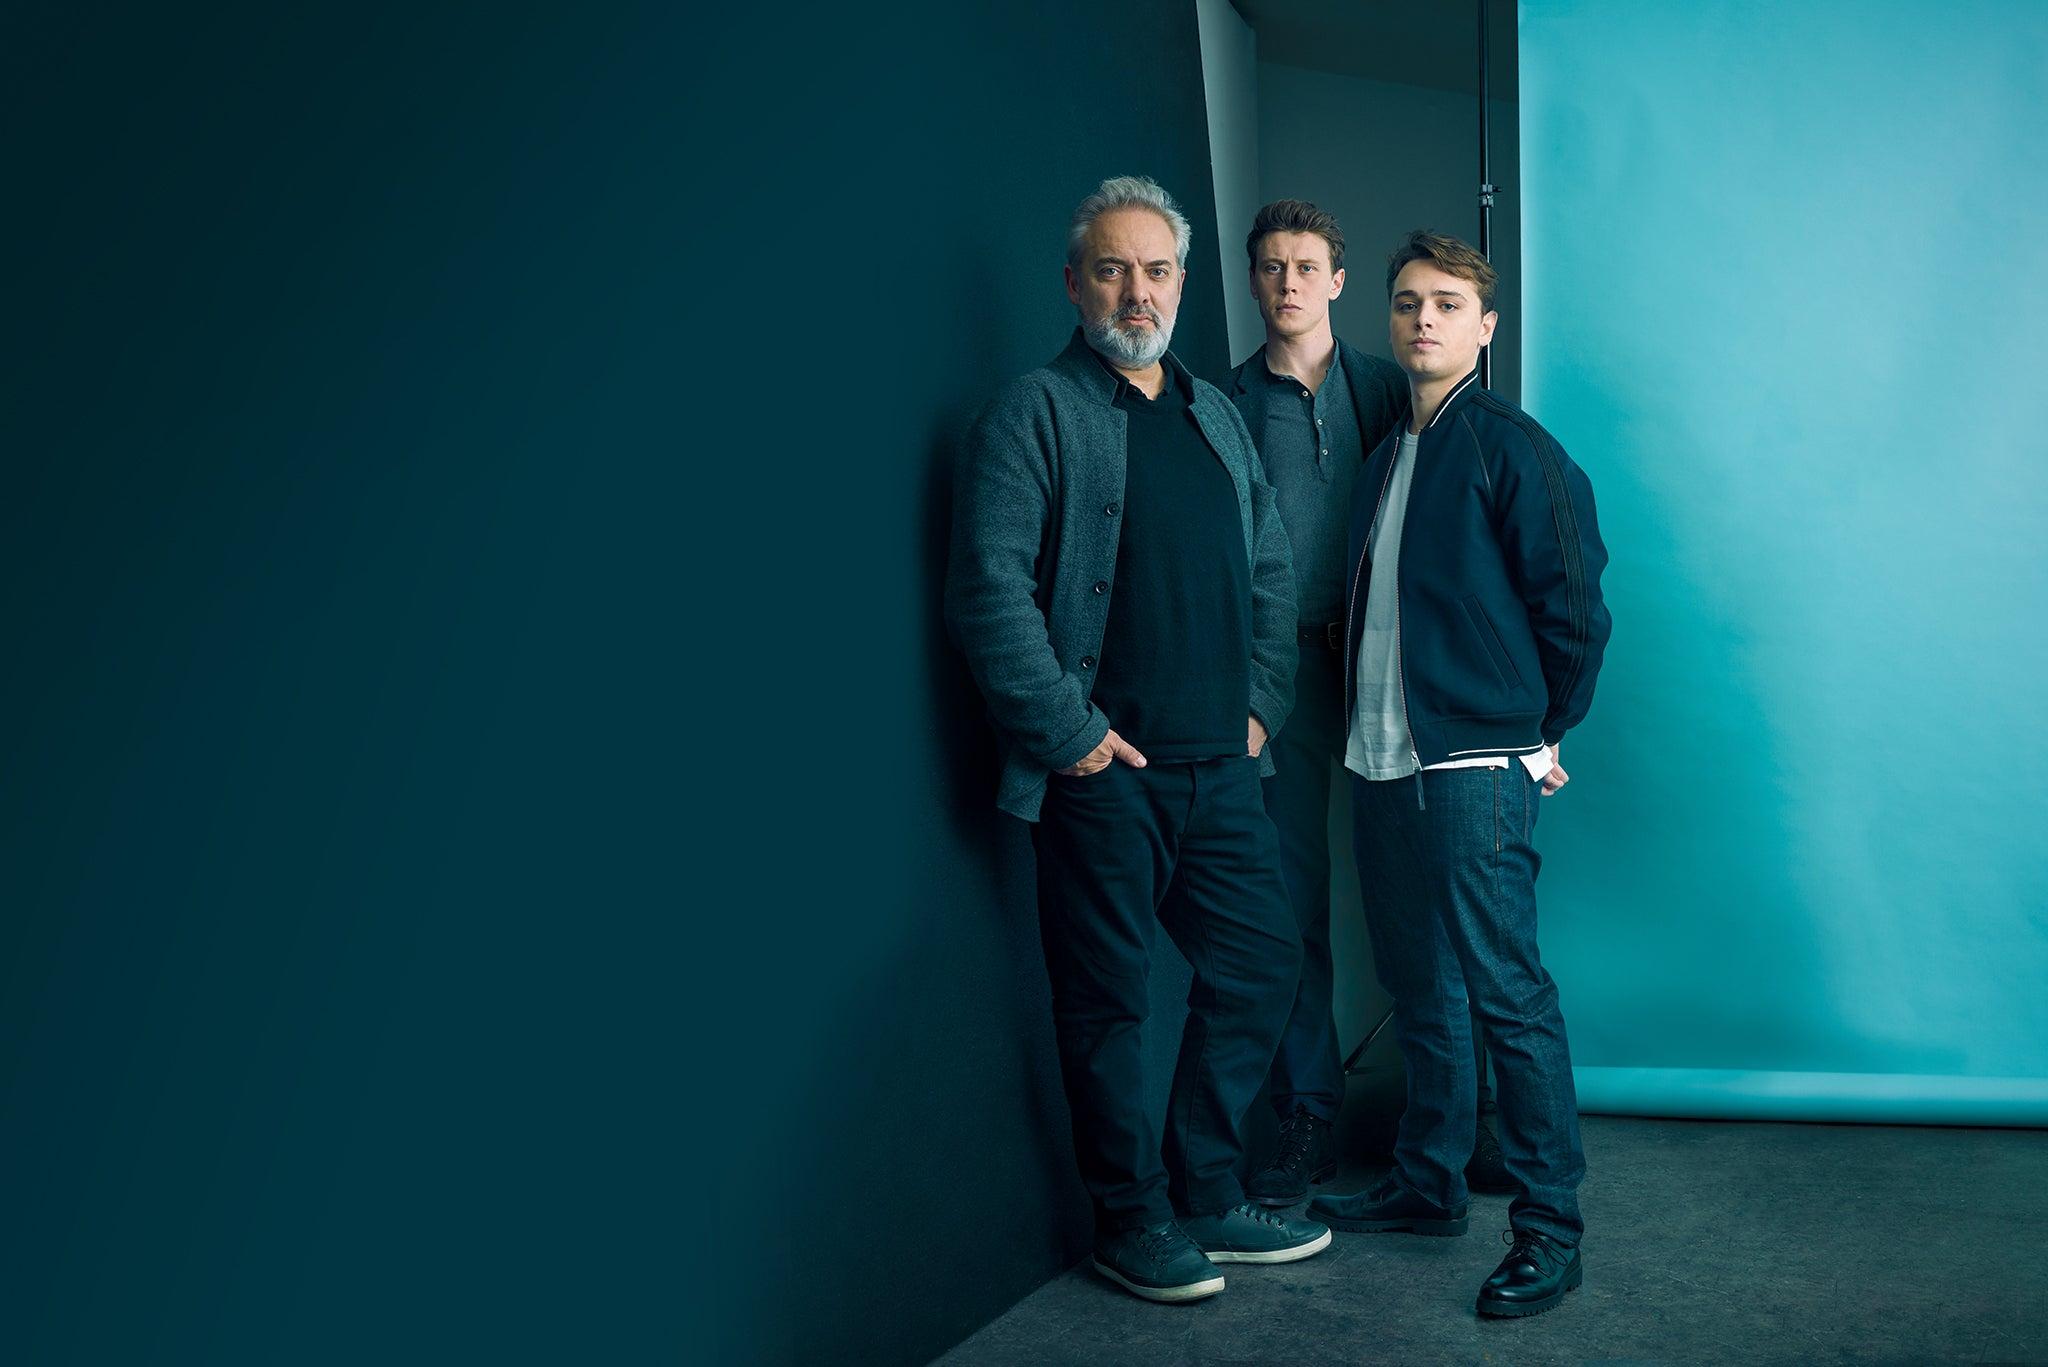 Sam Mendes, George MacKay and Dean-Charles